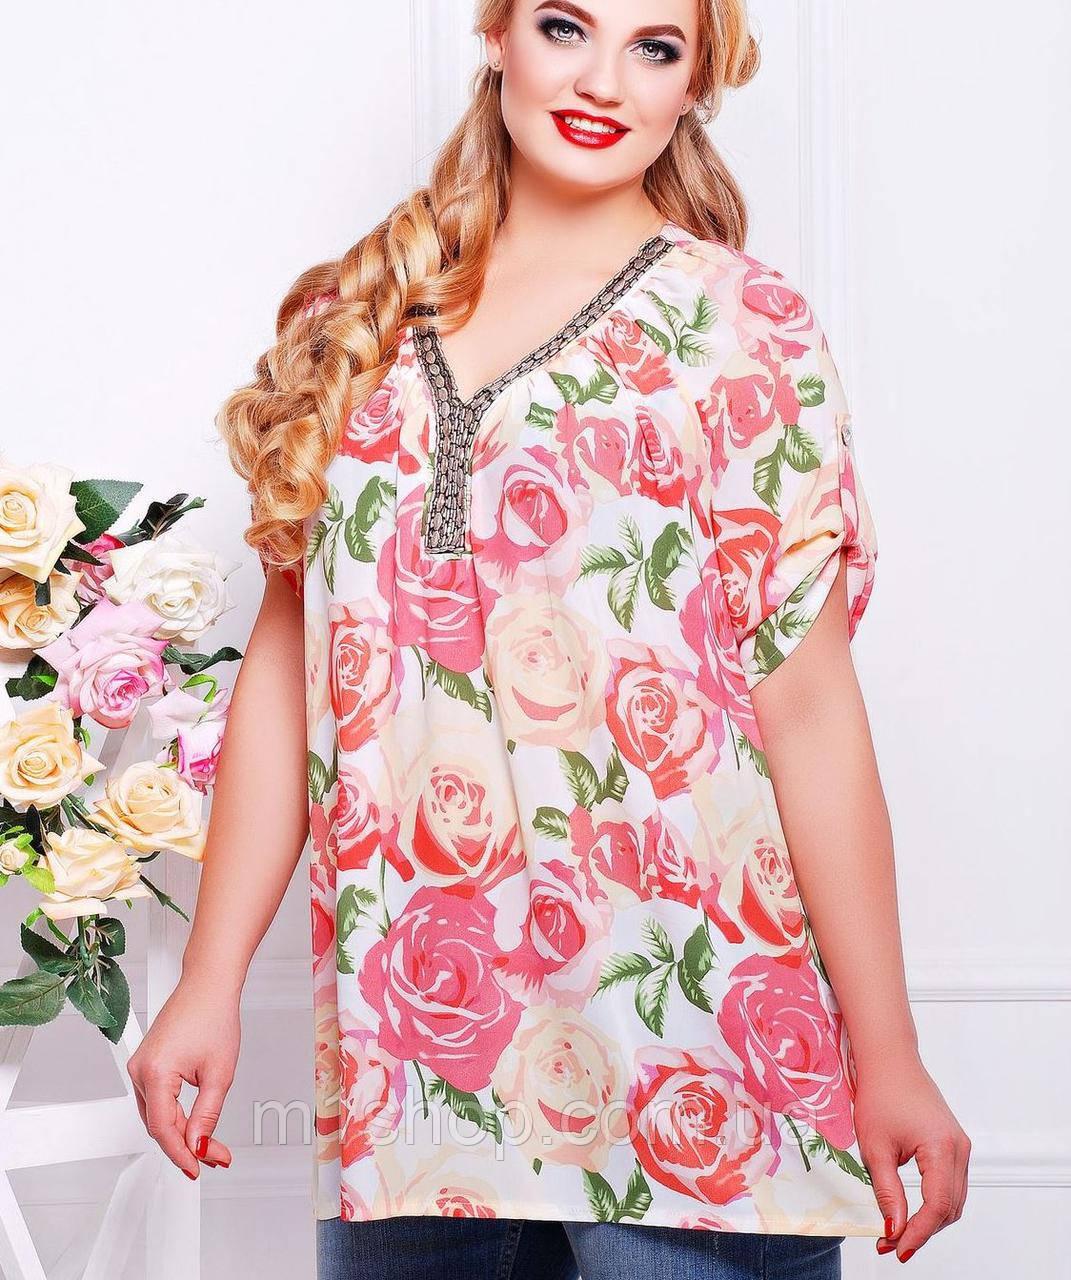 Женская блузка с розами больших размеров (Нитаtn) - « m1shop »женская одежда в Харькове